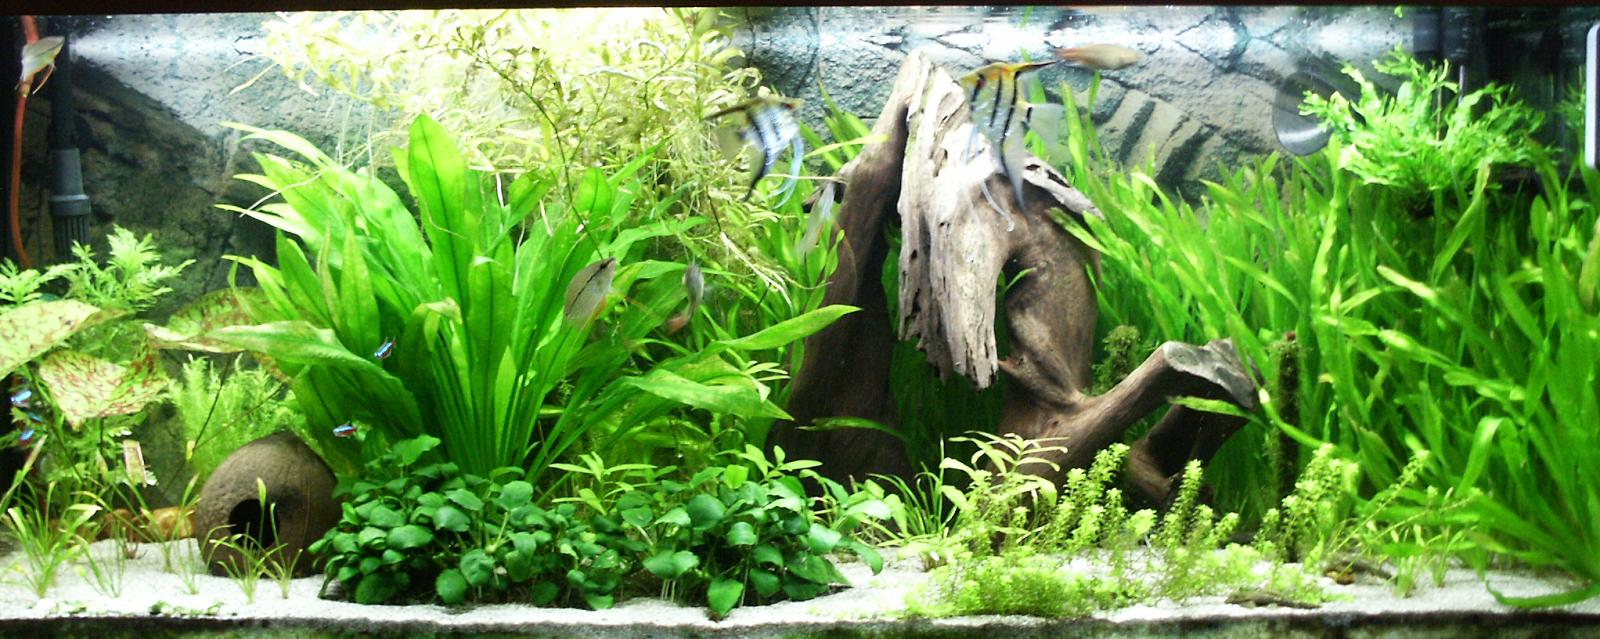 hồ thủy sinh trồng trầu bà làm tiền cảnh